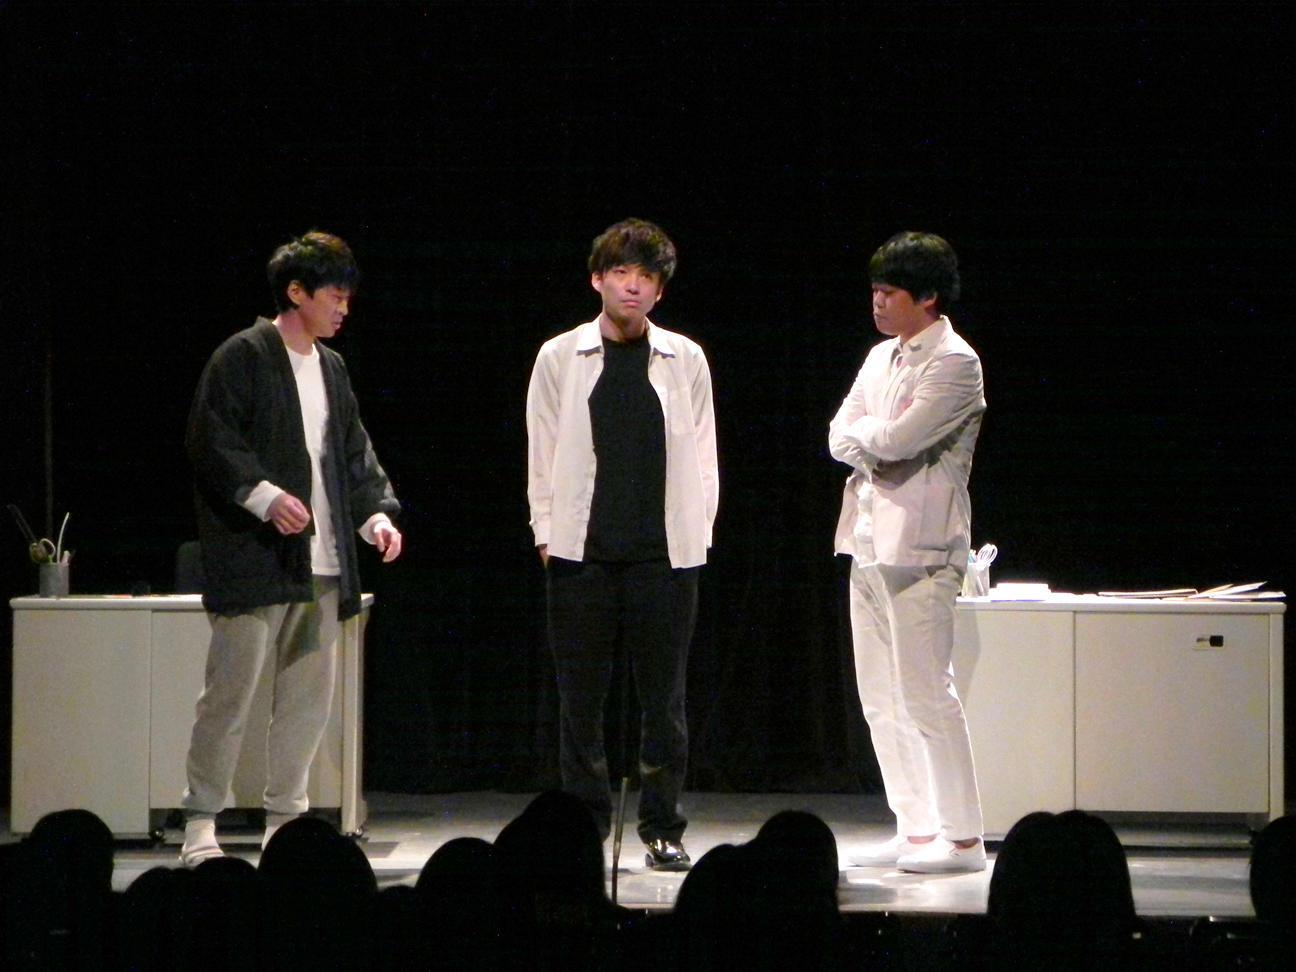 http://news.yoshimoto.co.jp/20170228123426-153f41dc8f98b64a6dd4e9bf646af09d30452303.jpg